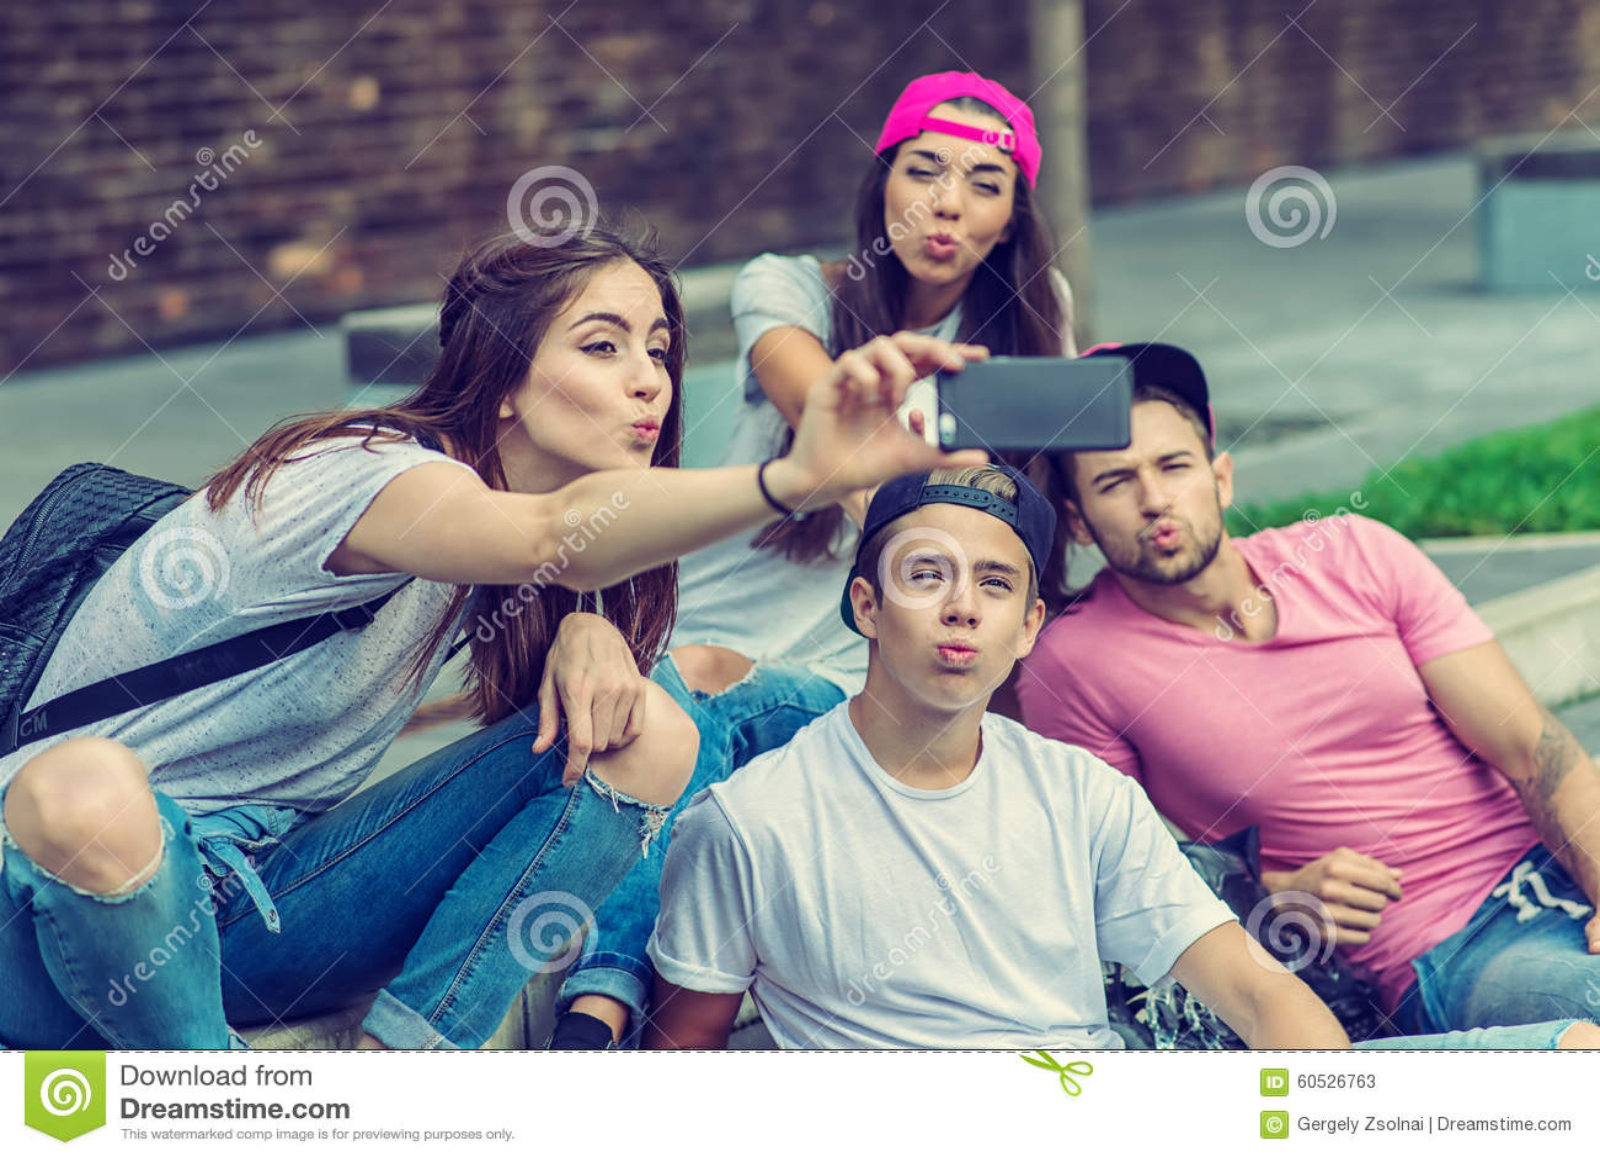 selfie for boys